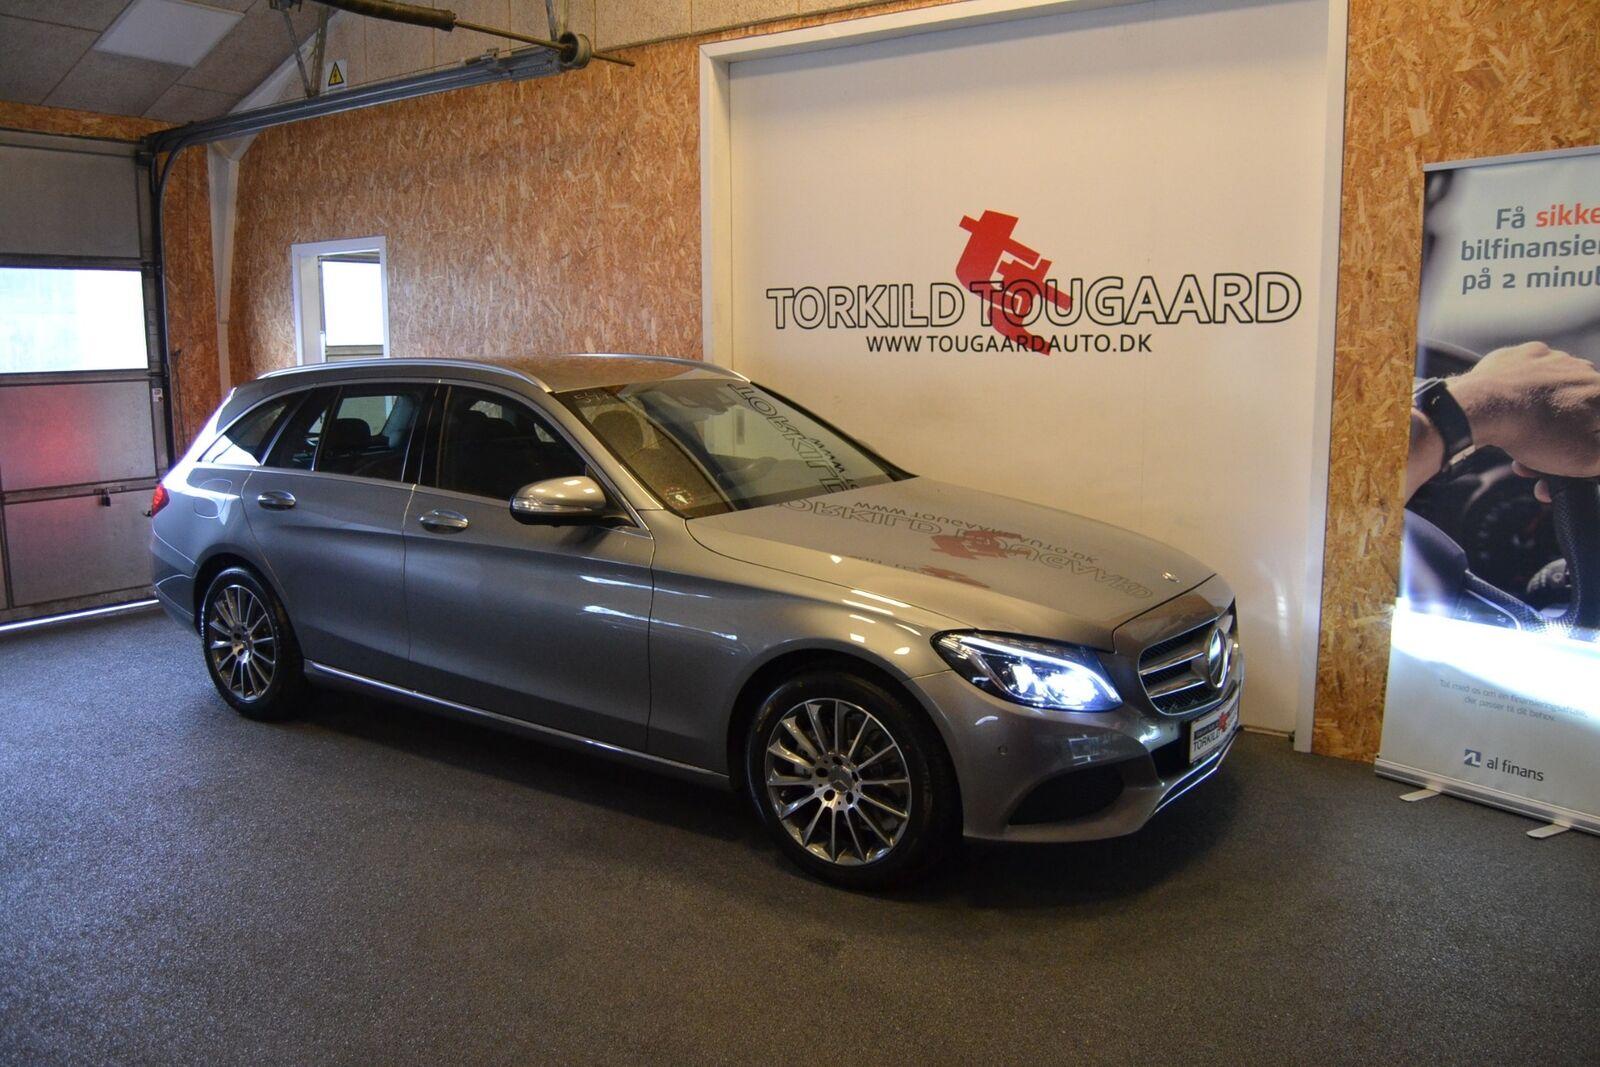 Mercedes C220 2,2 BlueTEC Avantgarde stc. aut. 5d - 339.800 kr.